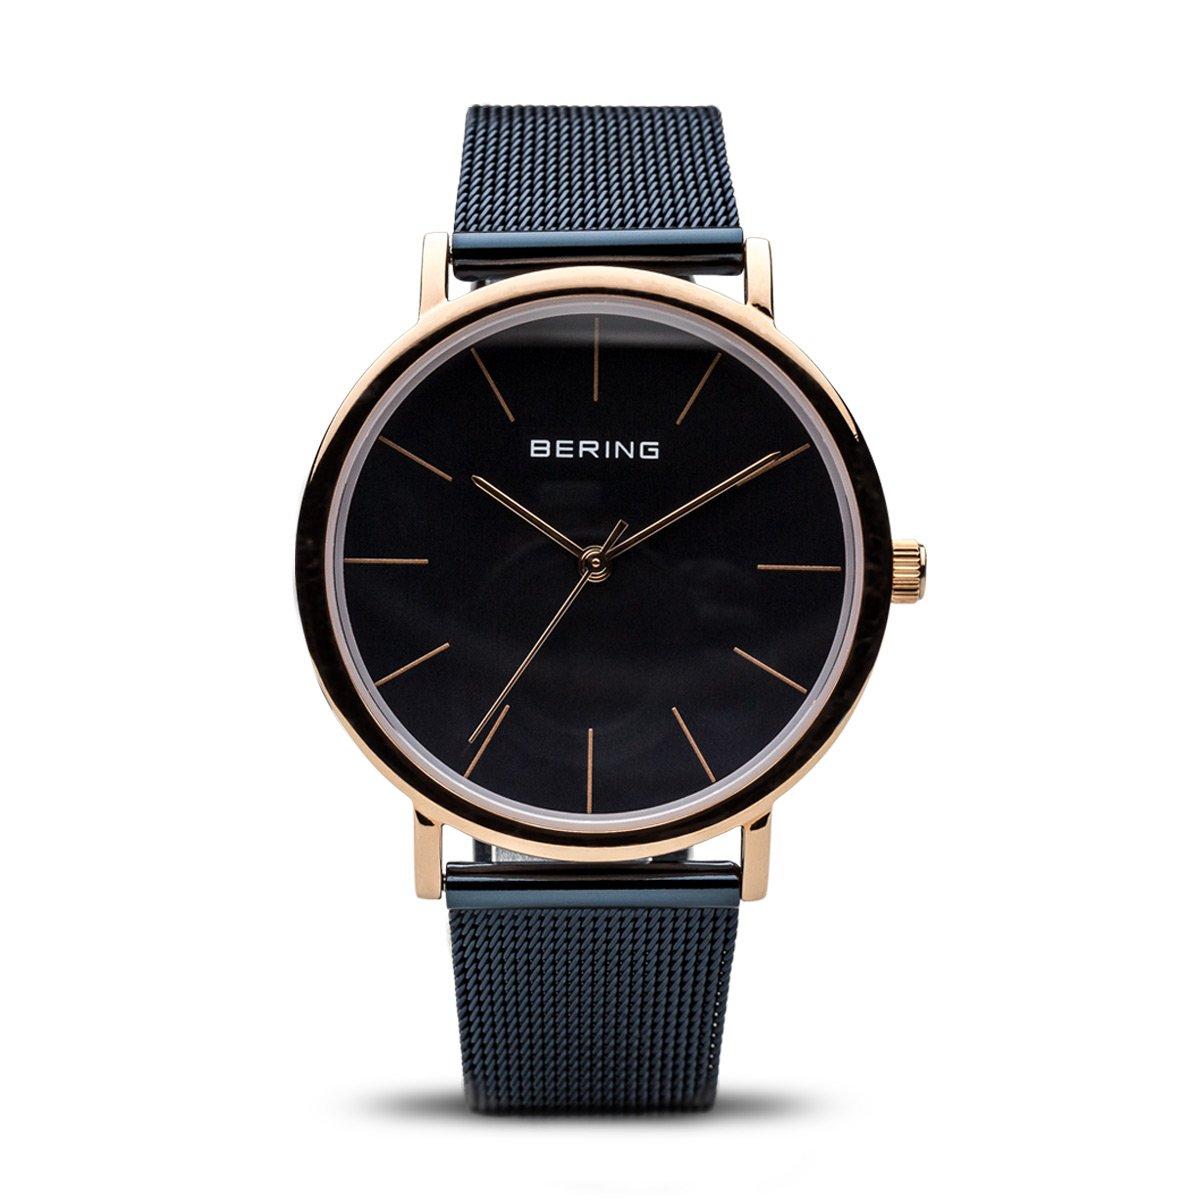 שעון ברינג דגם BERING 13436-367